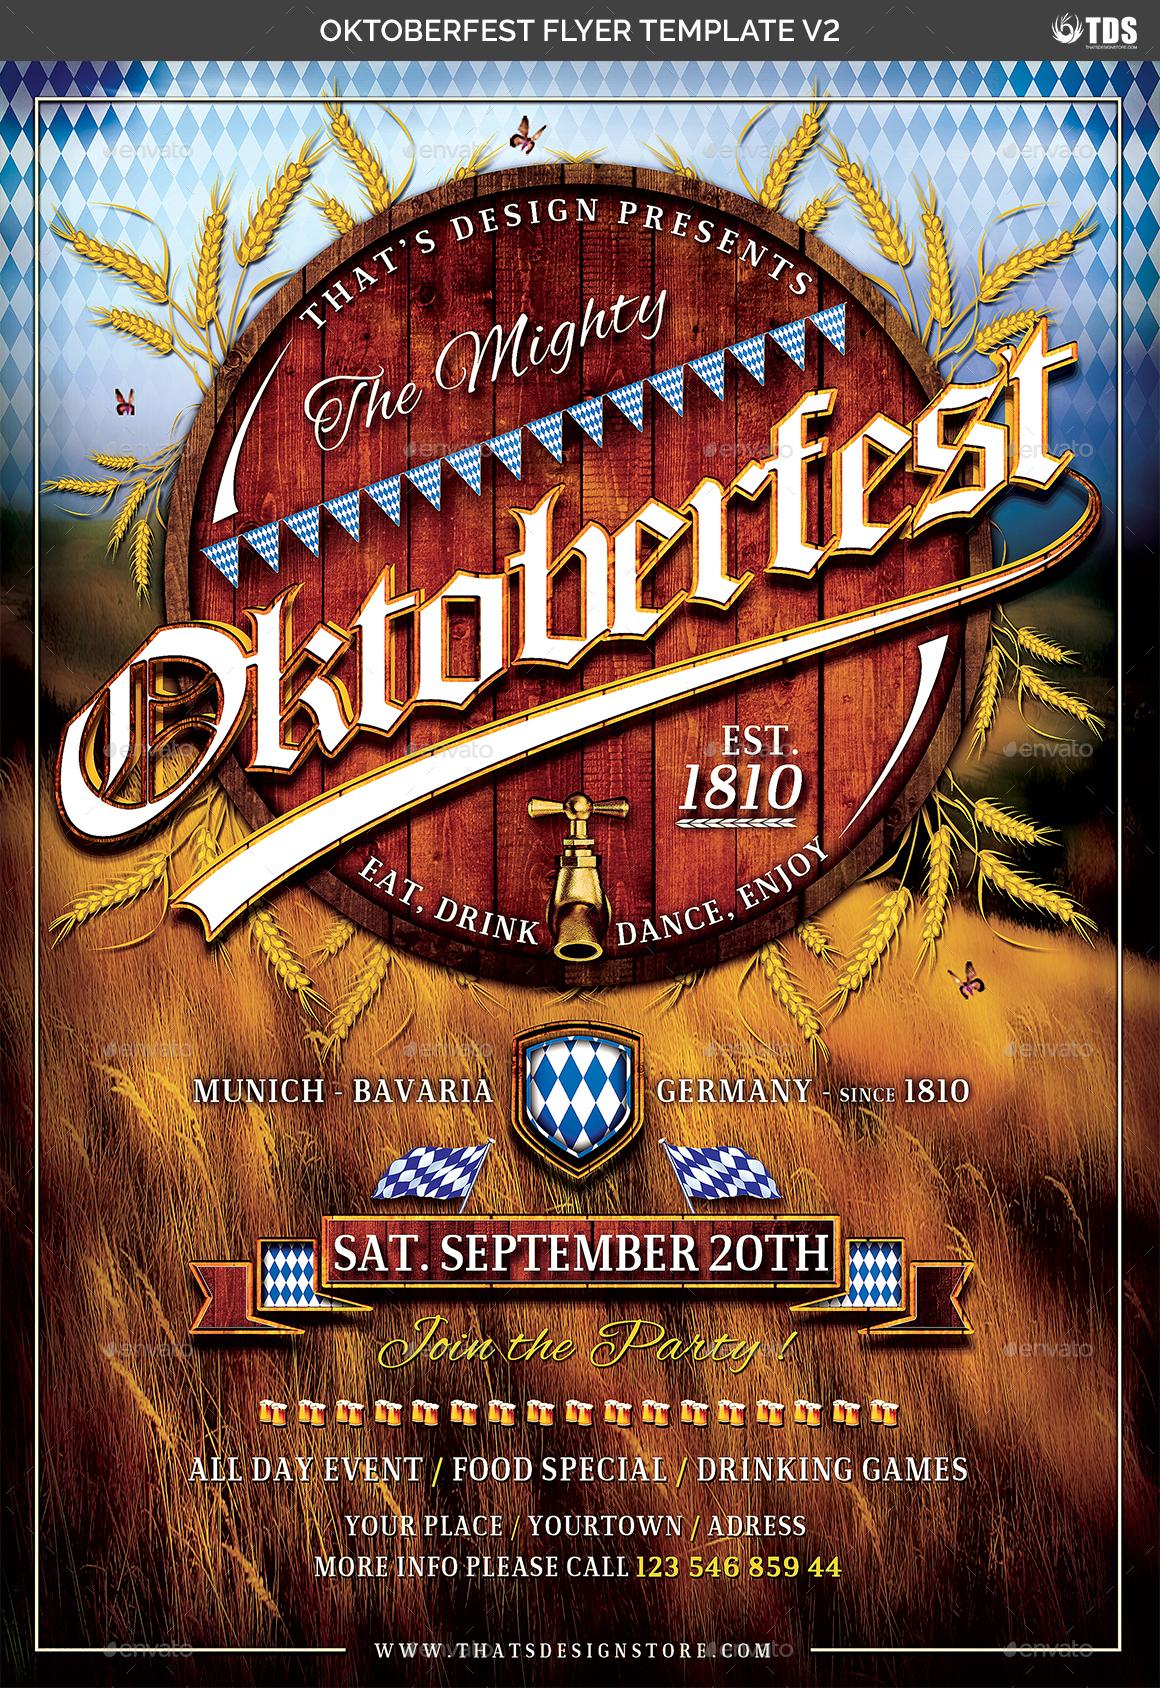 oktoberfest flyer template v2 by lou606